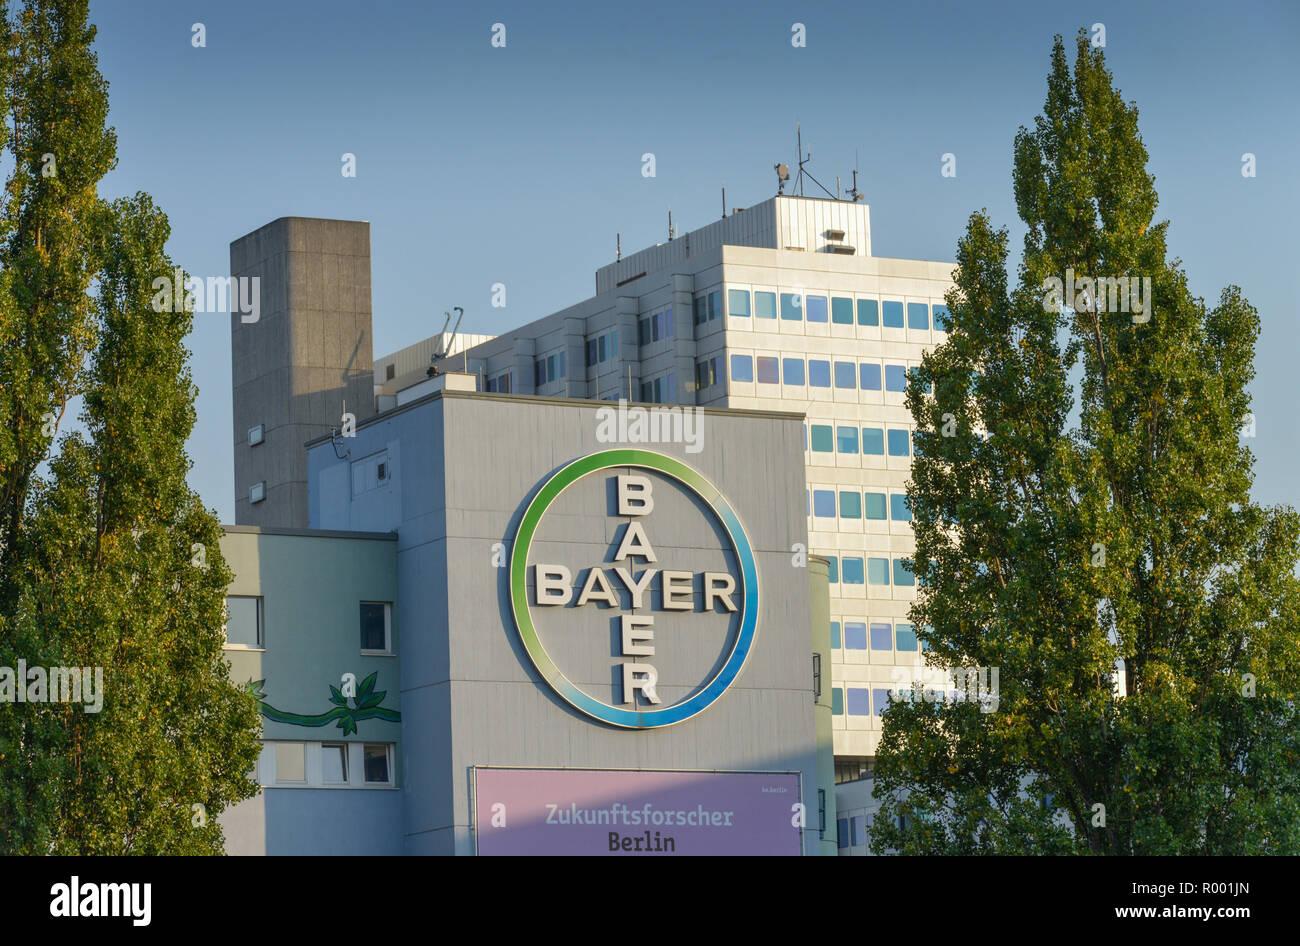 Bavarian, Pharma, Müllerstrasse, Wedding, middle, Berlin, Germany, Bayer, Muellerstrasse, Mitte, Deutschland Stock Photo